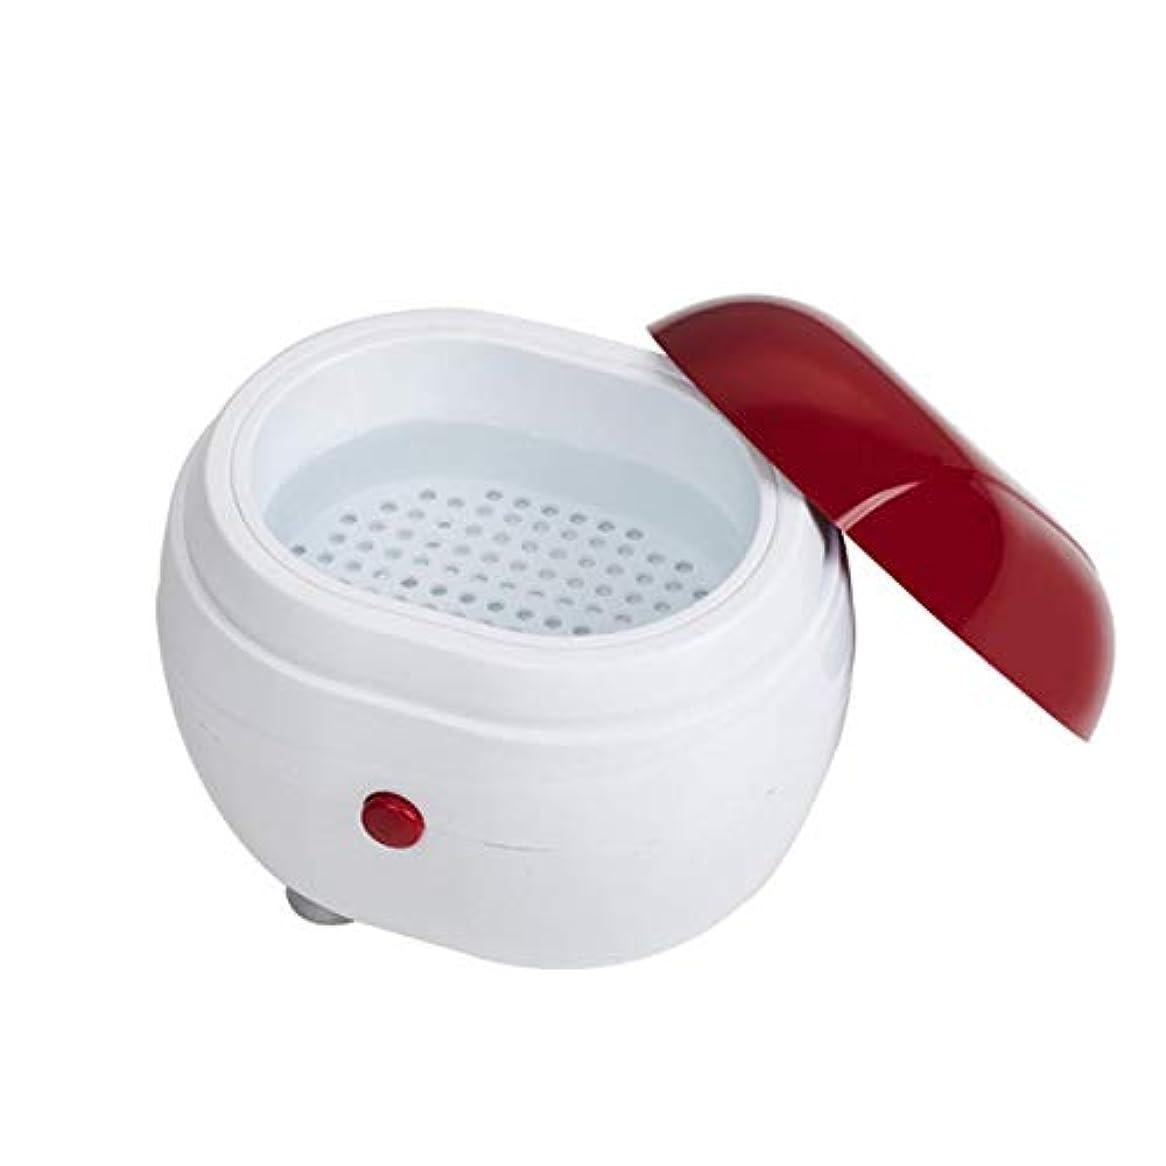 異常耐えられるミスペンドポータブル超音波洗濯機家庭用ジュエリーレンズ時計入れ歯クリーニング機洗濯機クリーナークリーニングボックス - 赤&白